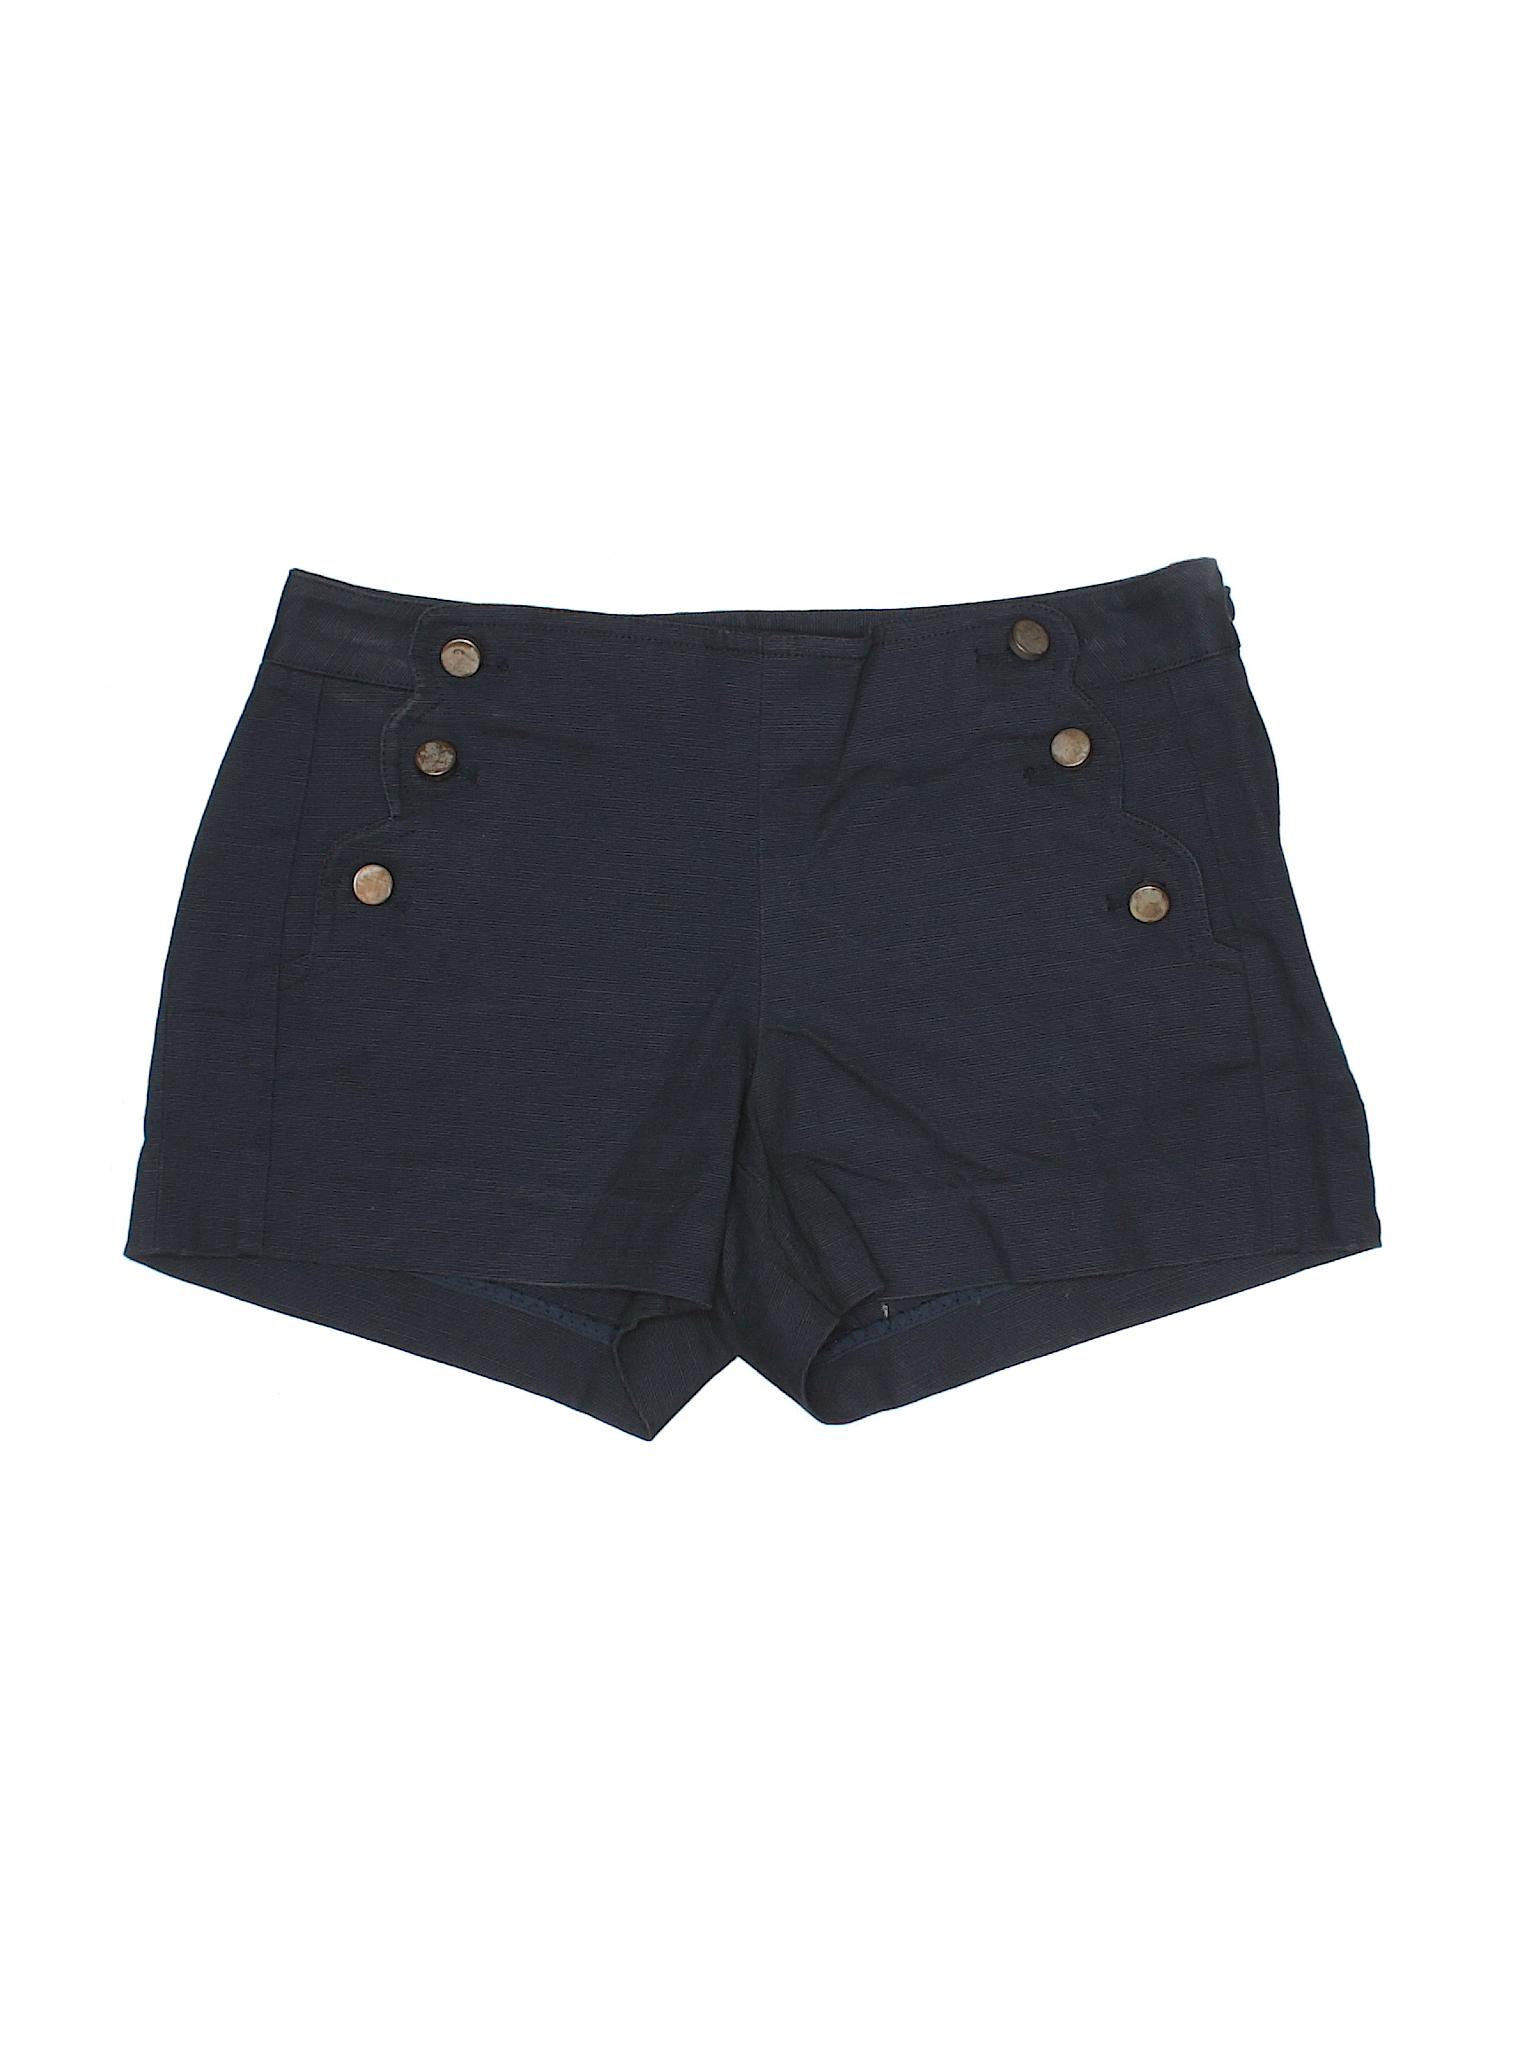 Shorts Dressy Boutique Ronson Charlotte Boutique Charlotte q6Bvcz